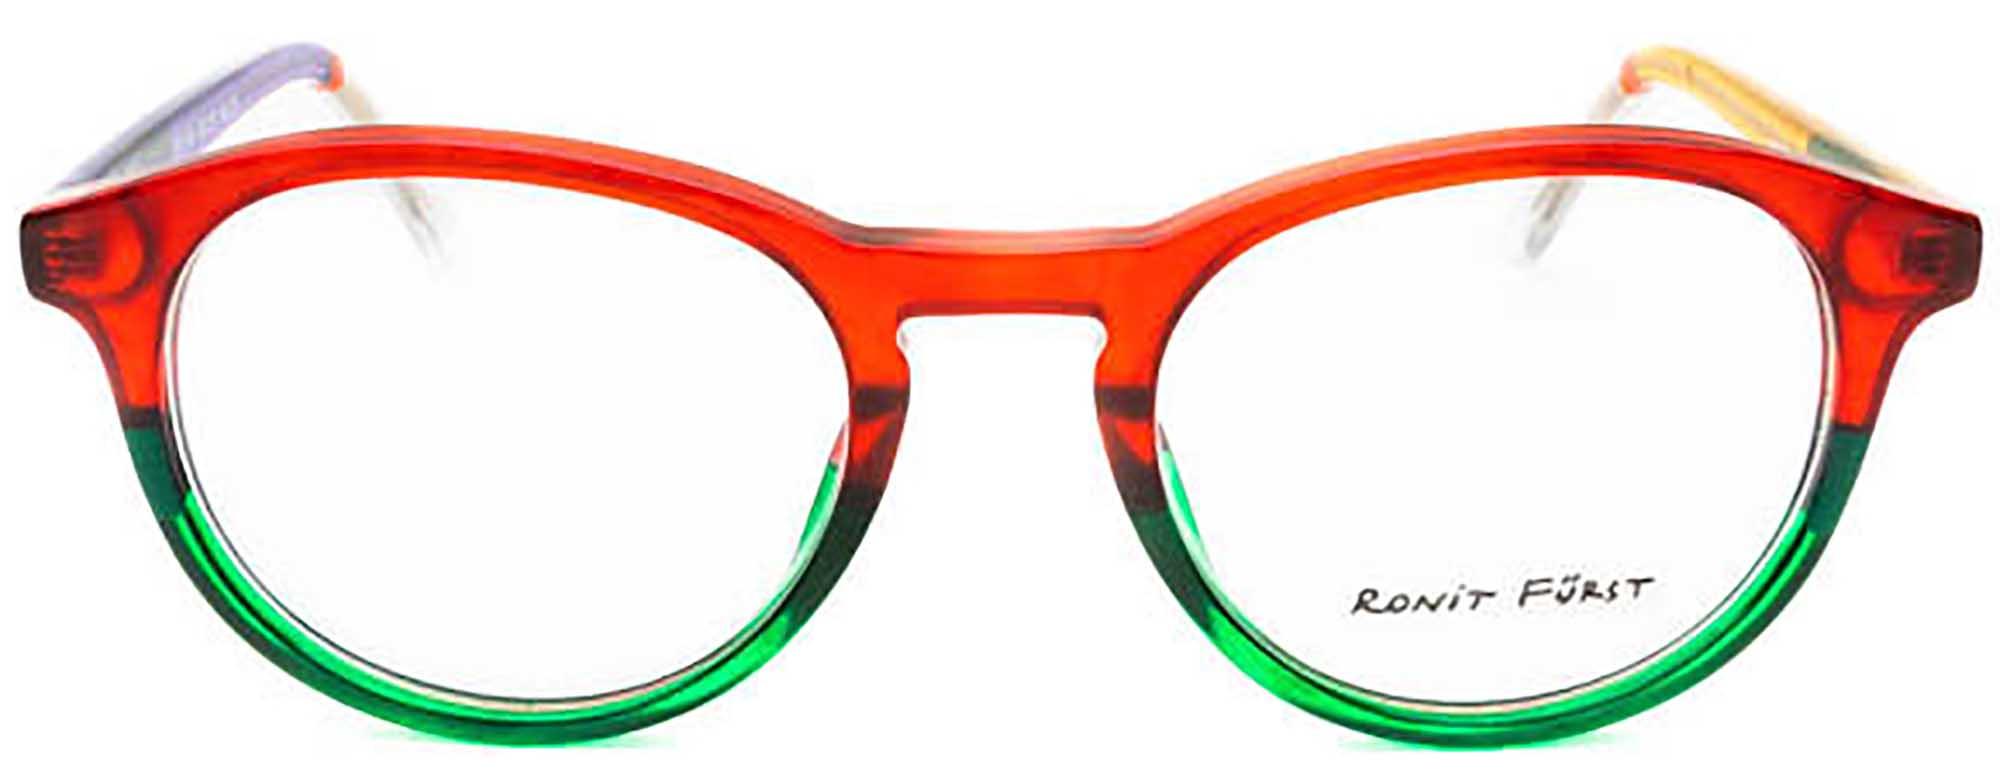 רונית פירסט, משקפיים, מגזין אופנה ישראלי - אופנה - 44